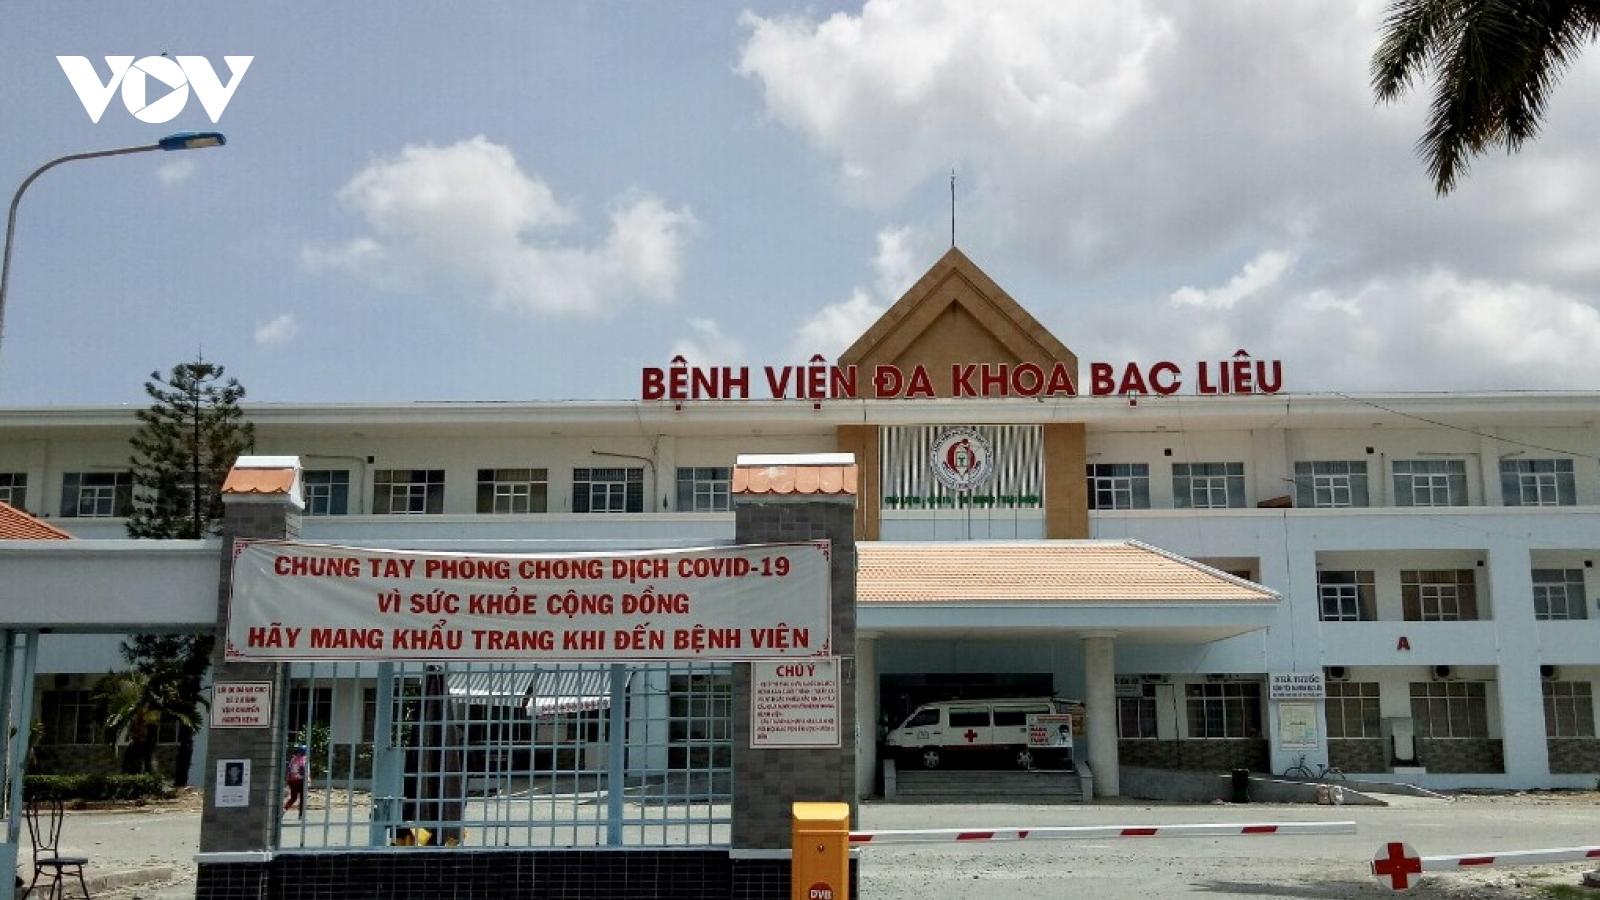 335 công dân về từ Myanmar hoàn thành cách ly tại tỉnh Bạc Liêu